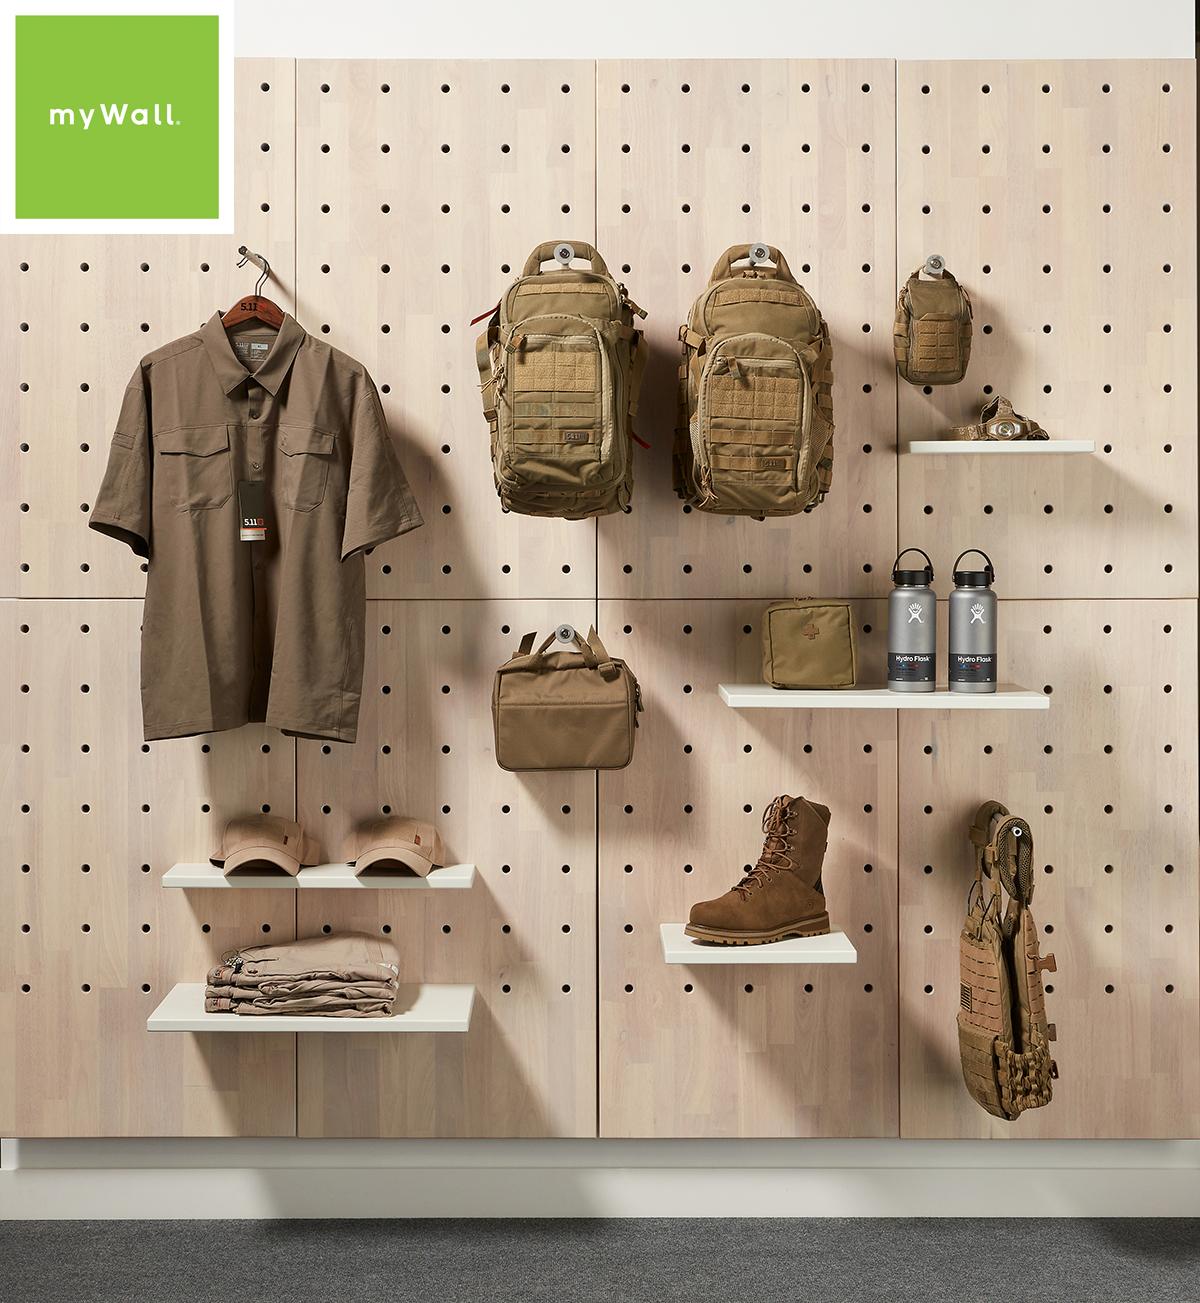 myWall-retail.jpg